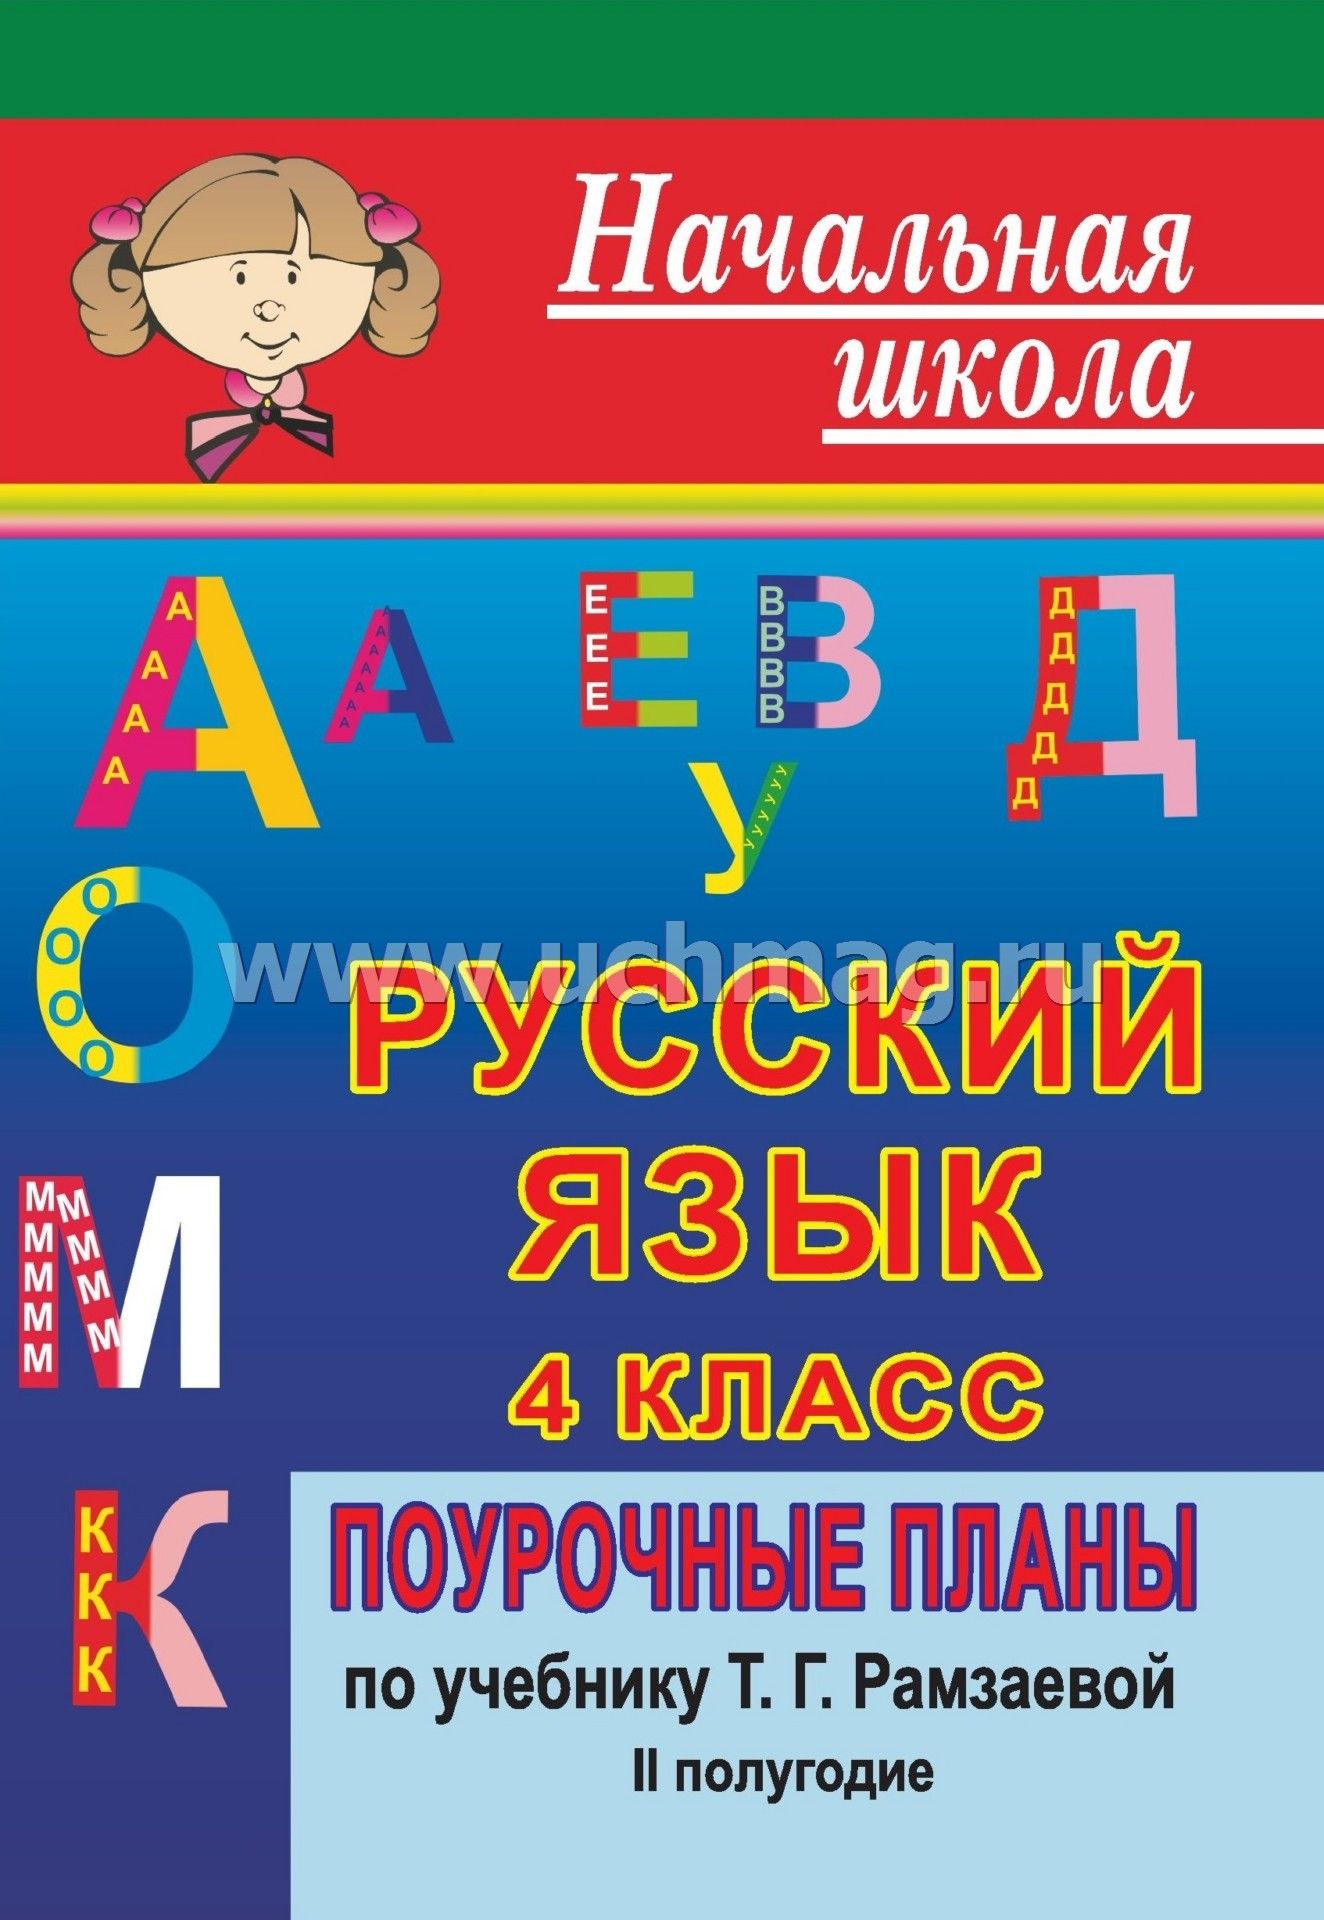 План урока по русскому языку 4 класс по рамзаевой неопределённая форма глагола закрепление